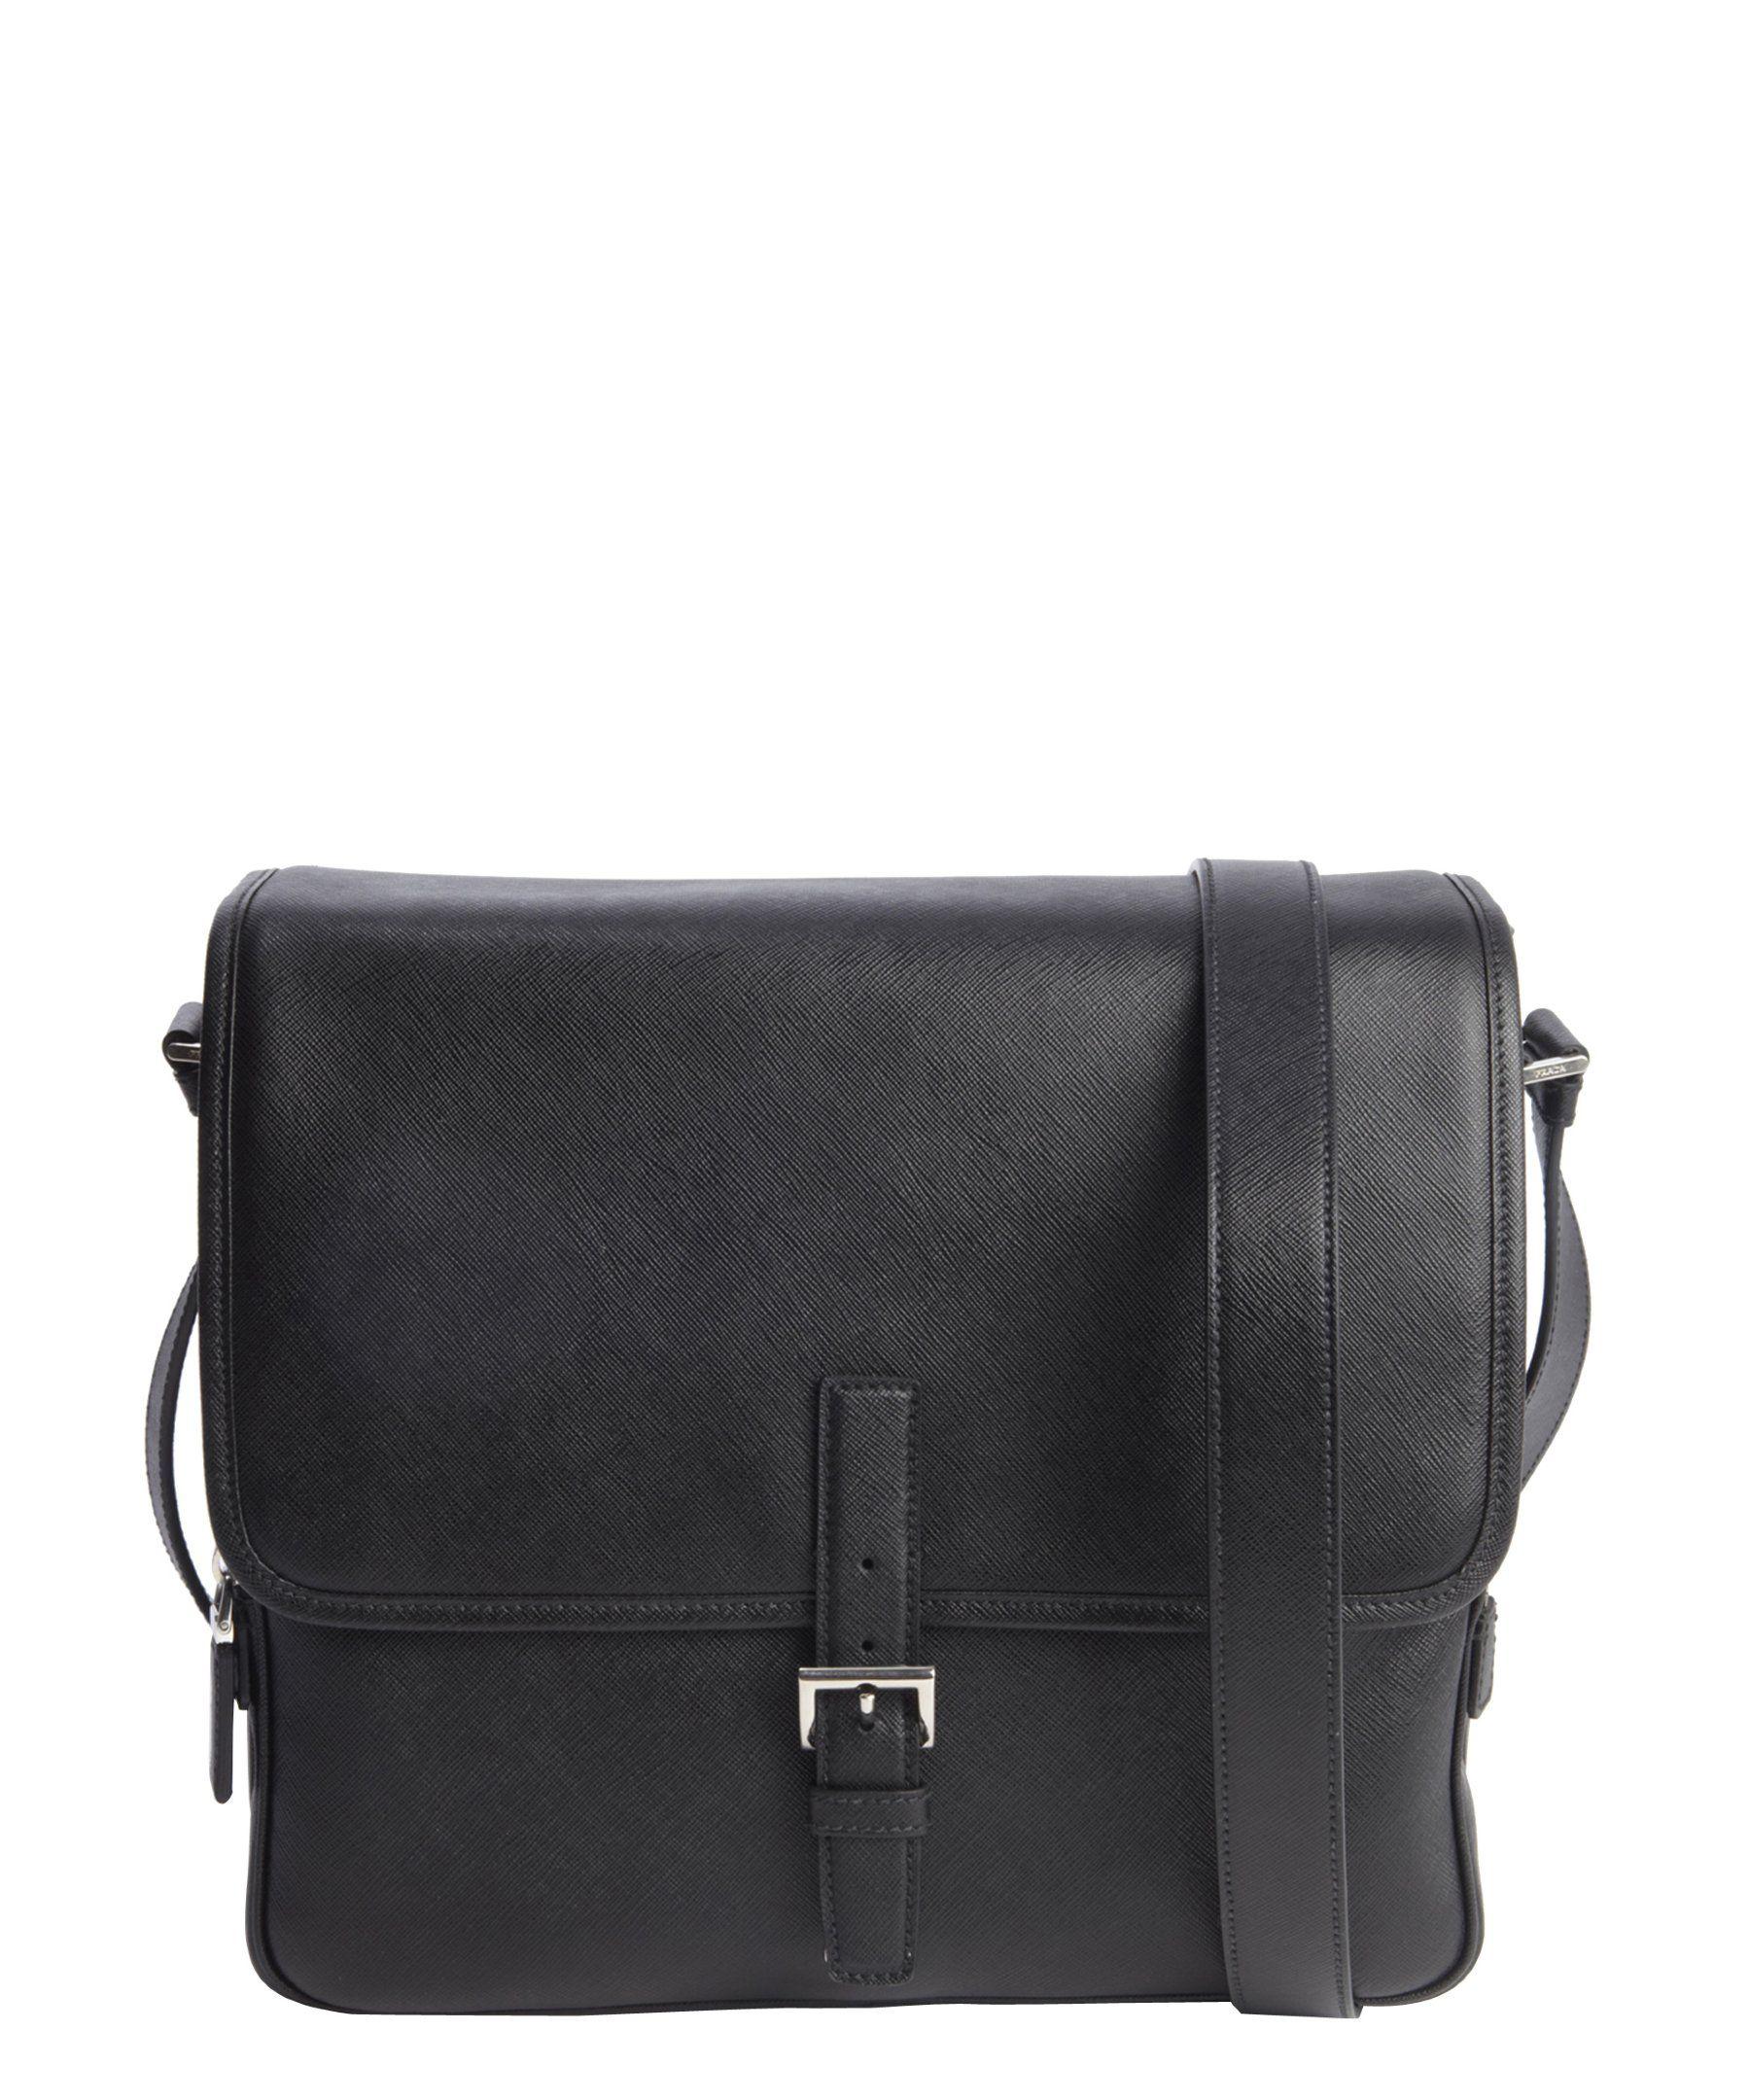 6c46125784 Prada black saffiano leather messenger bag